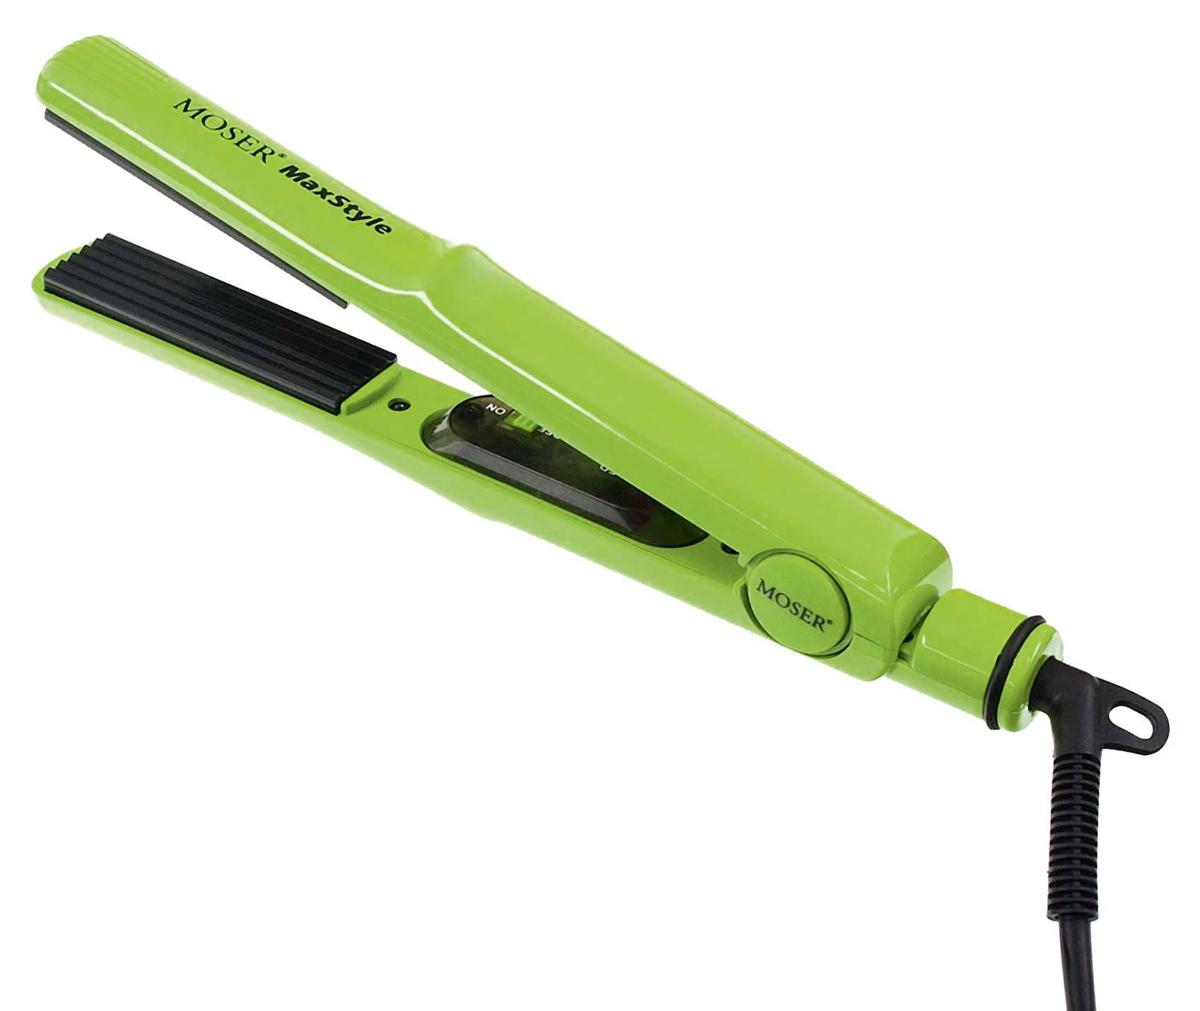 Щипцы для волос Moser Crimper MaxStyle, Green 4415-0050 f rg6 rg59 connectors coax coaxial crimper wire stripper compression crimper tool kit